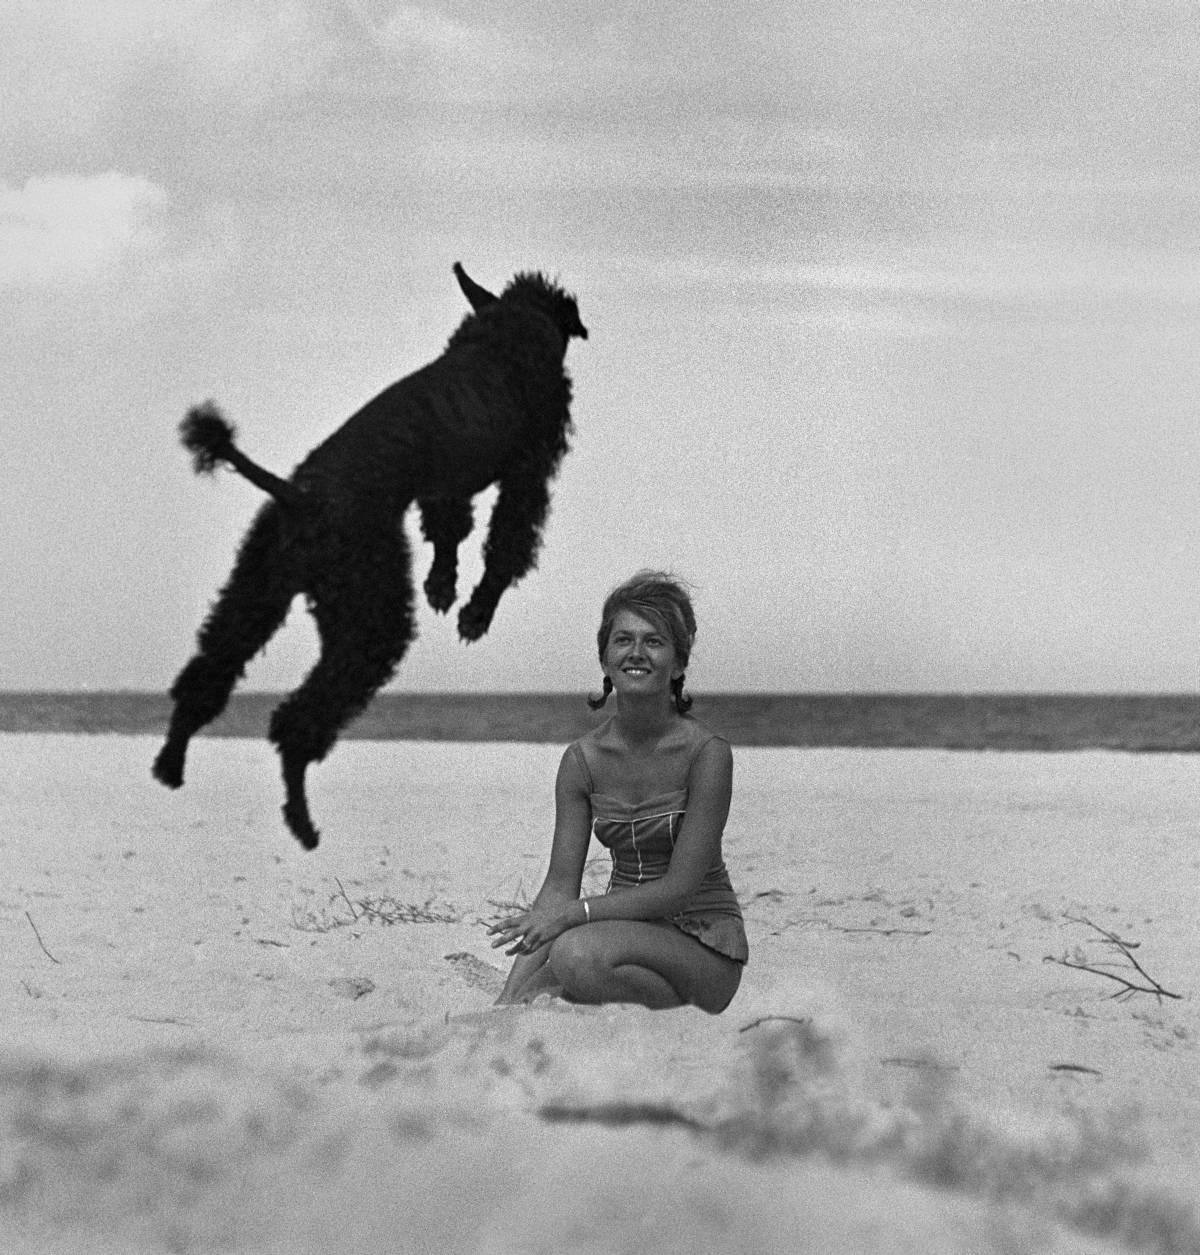 """Fot. Wojciech Plewiński, z serii """"Dziewczyny"""" 1959 (źródło: materiały prasowe organizatora)"""